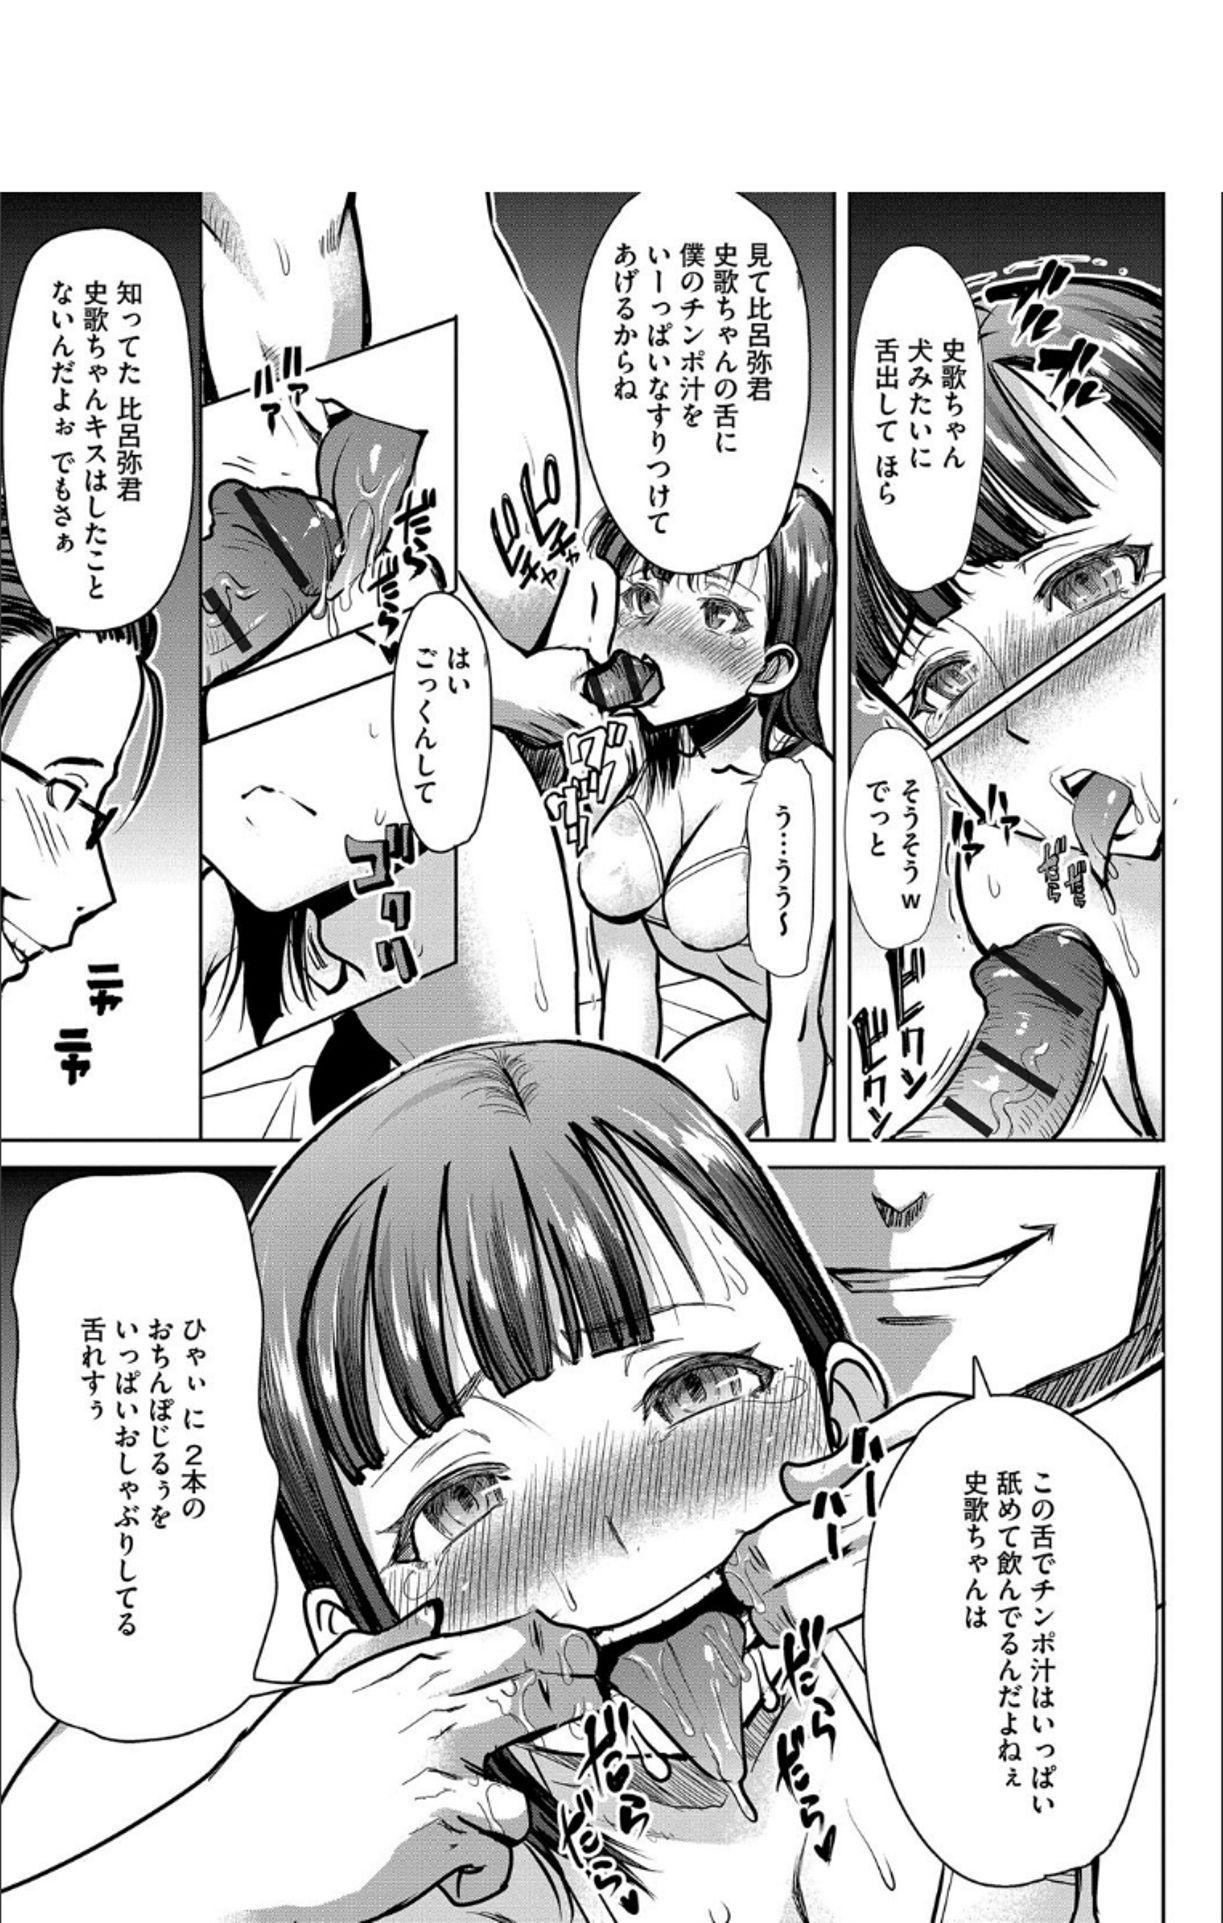 Boku no Kazoku o Sarashimasu + DMM Gentei Tokuten Paper 195